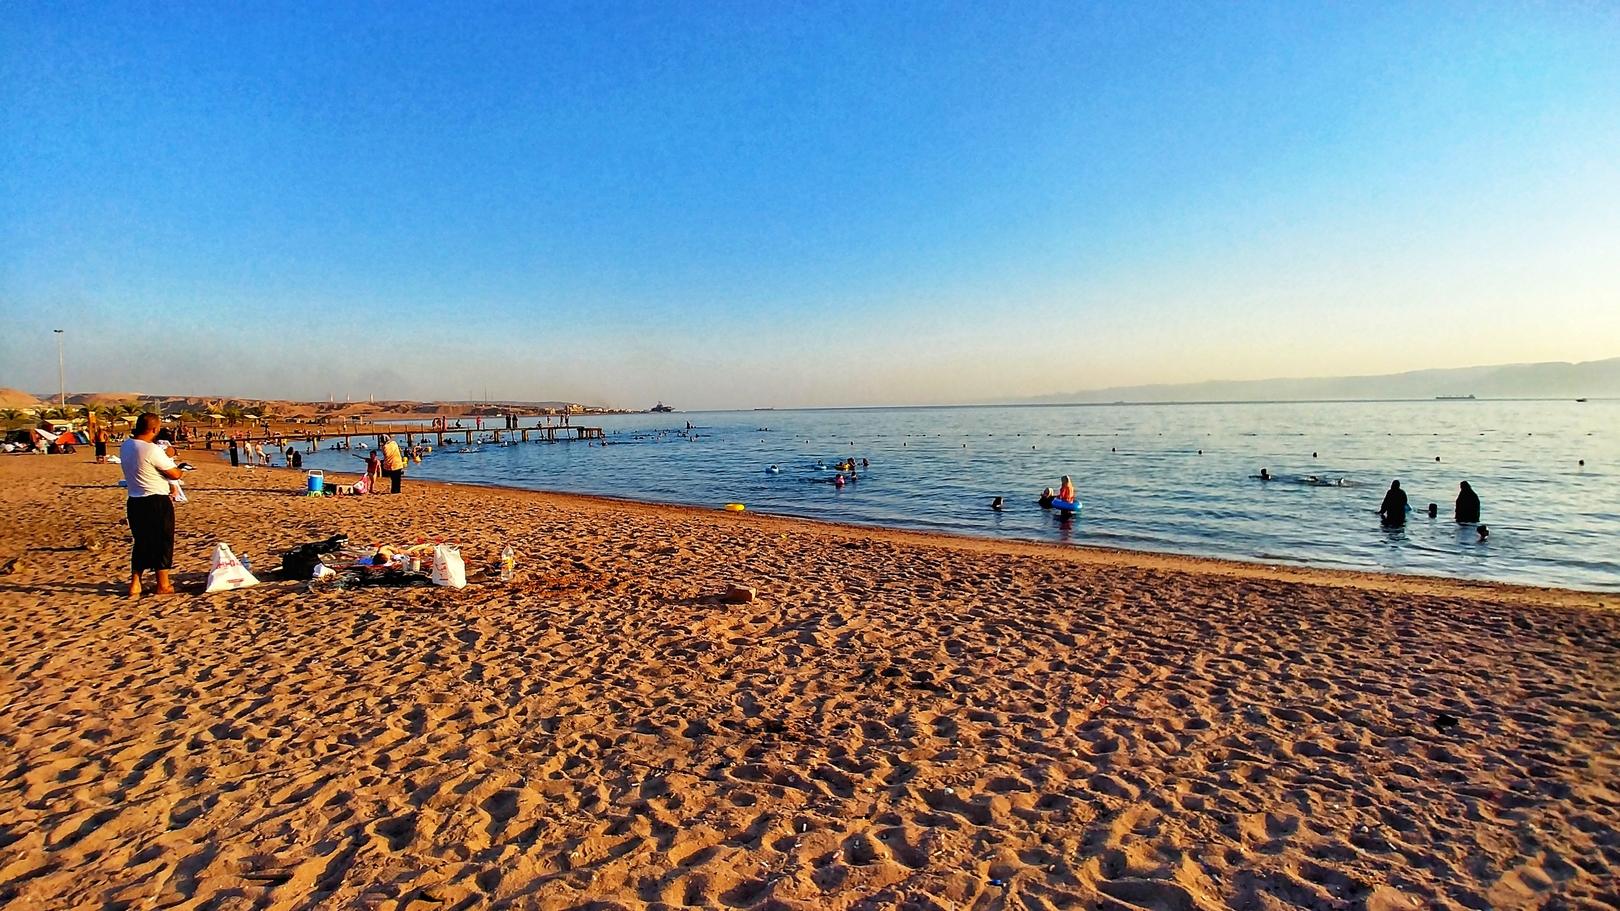 Jordanie - Après-midi sur la plage publique d'Aqaba